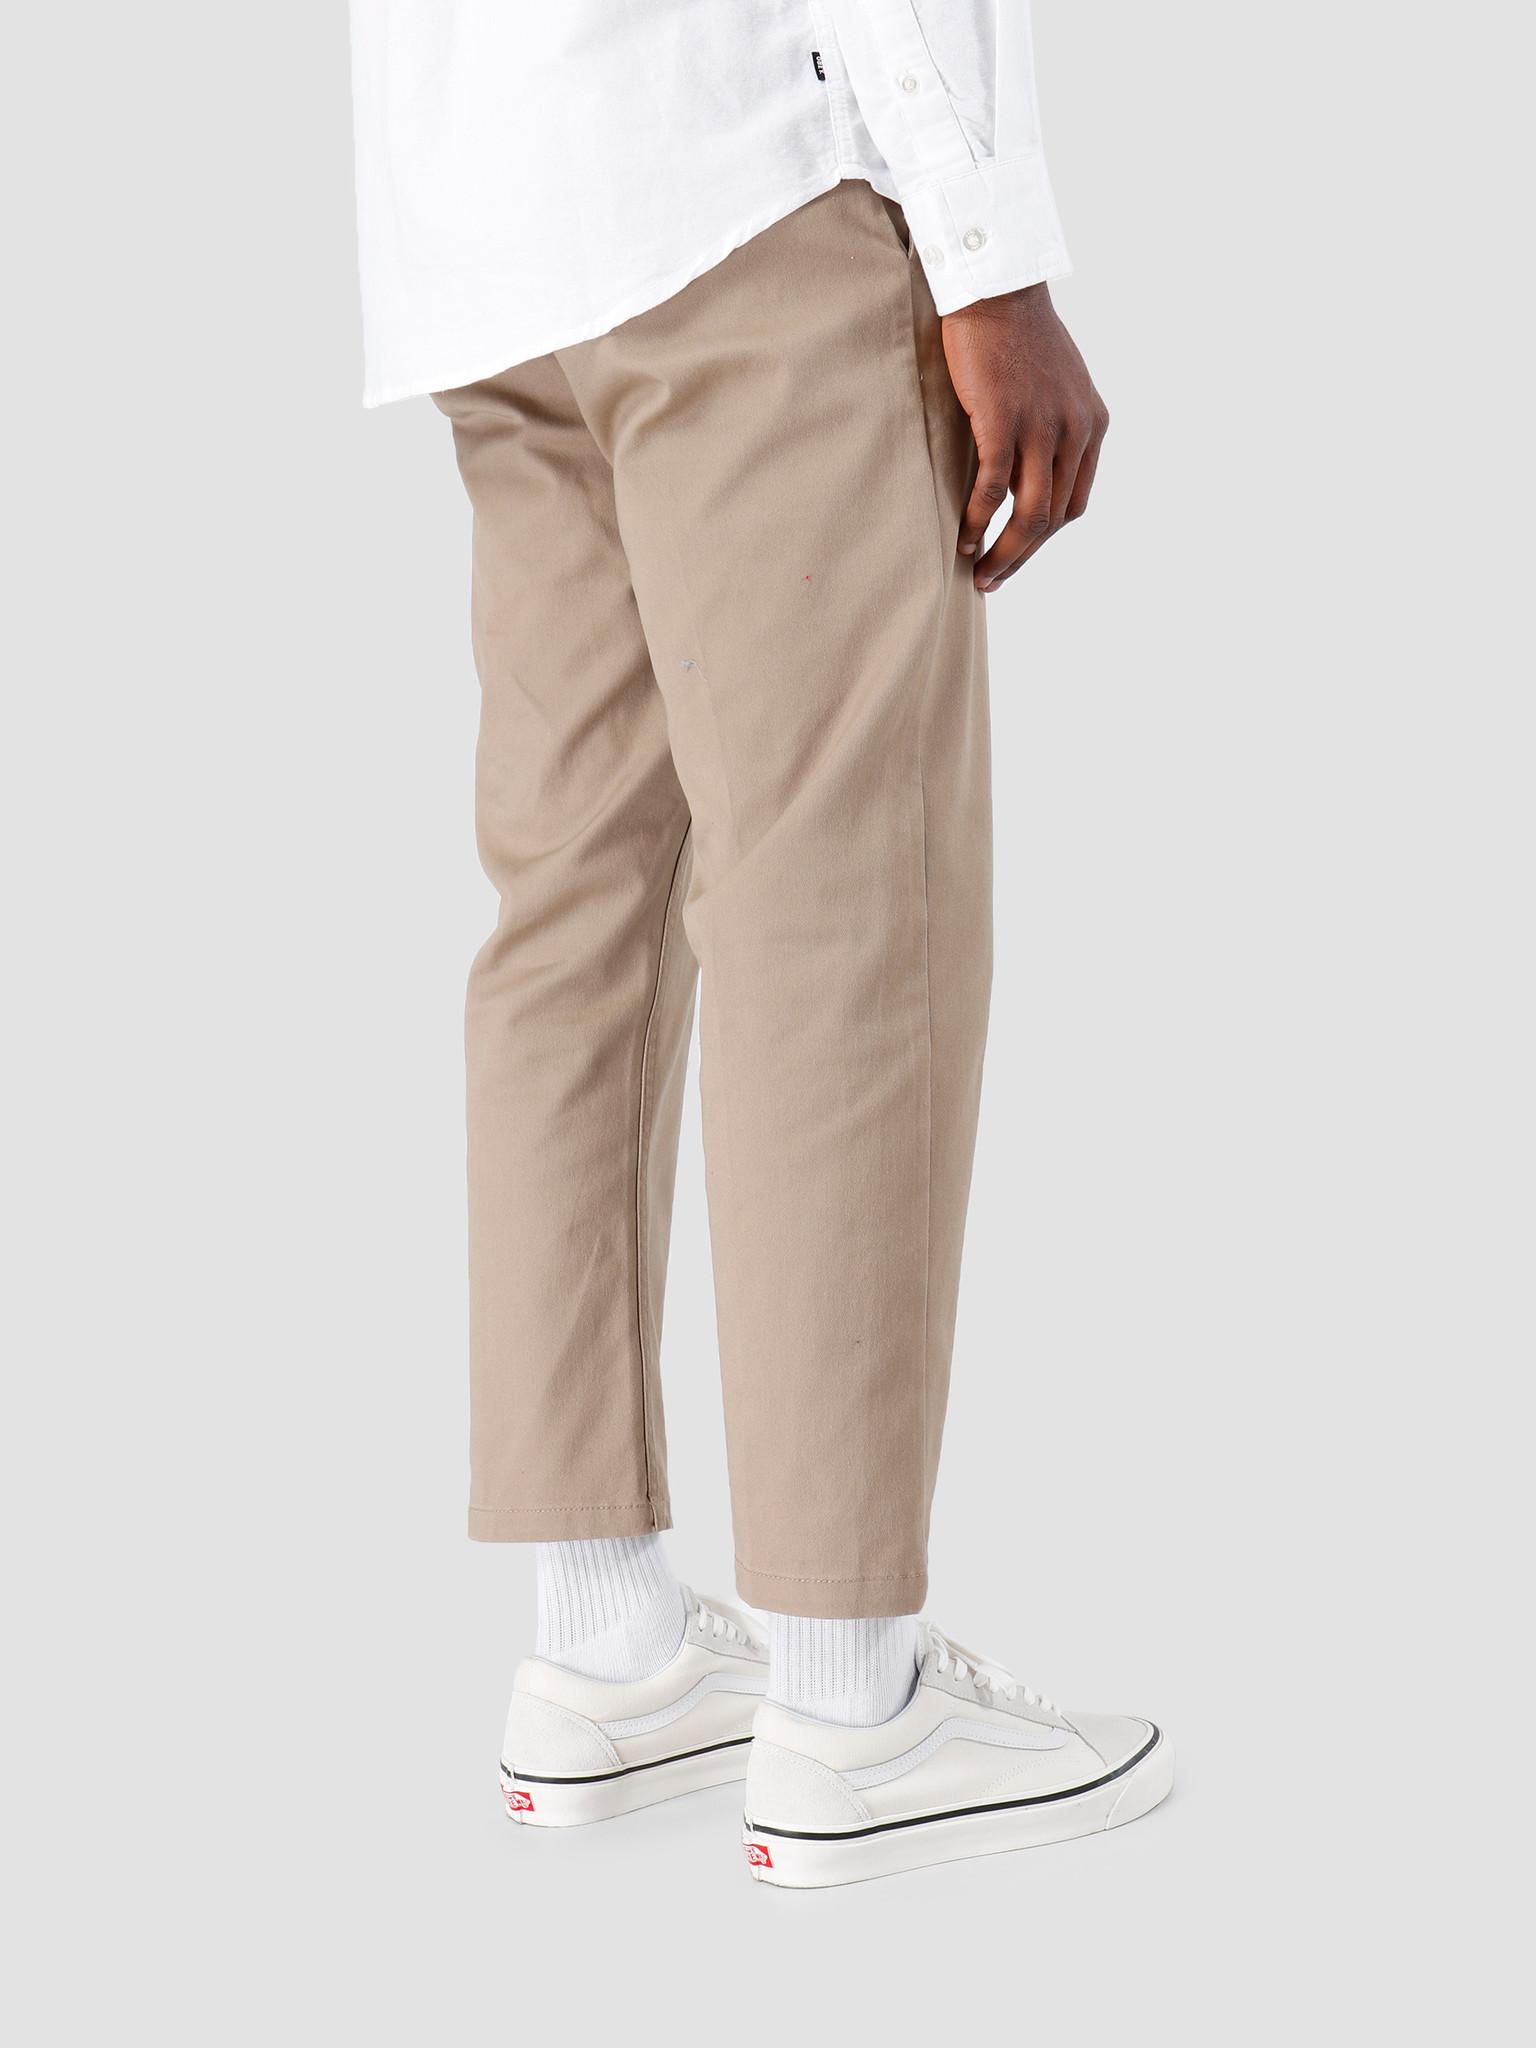 Obey Obey Straggler Flooded Pants Khaki 142020113-KHA